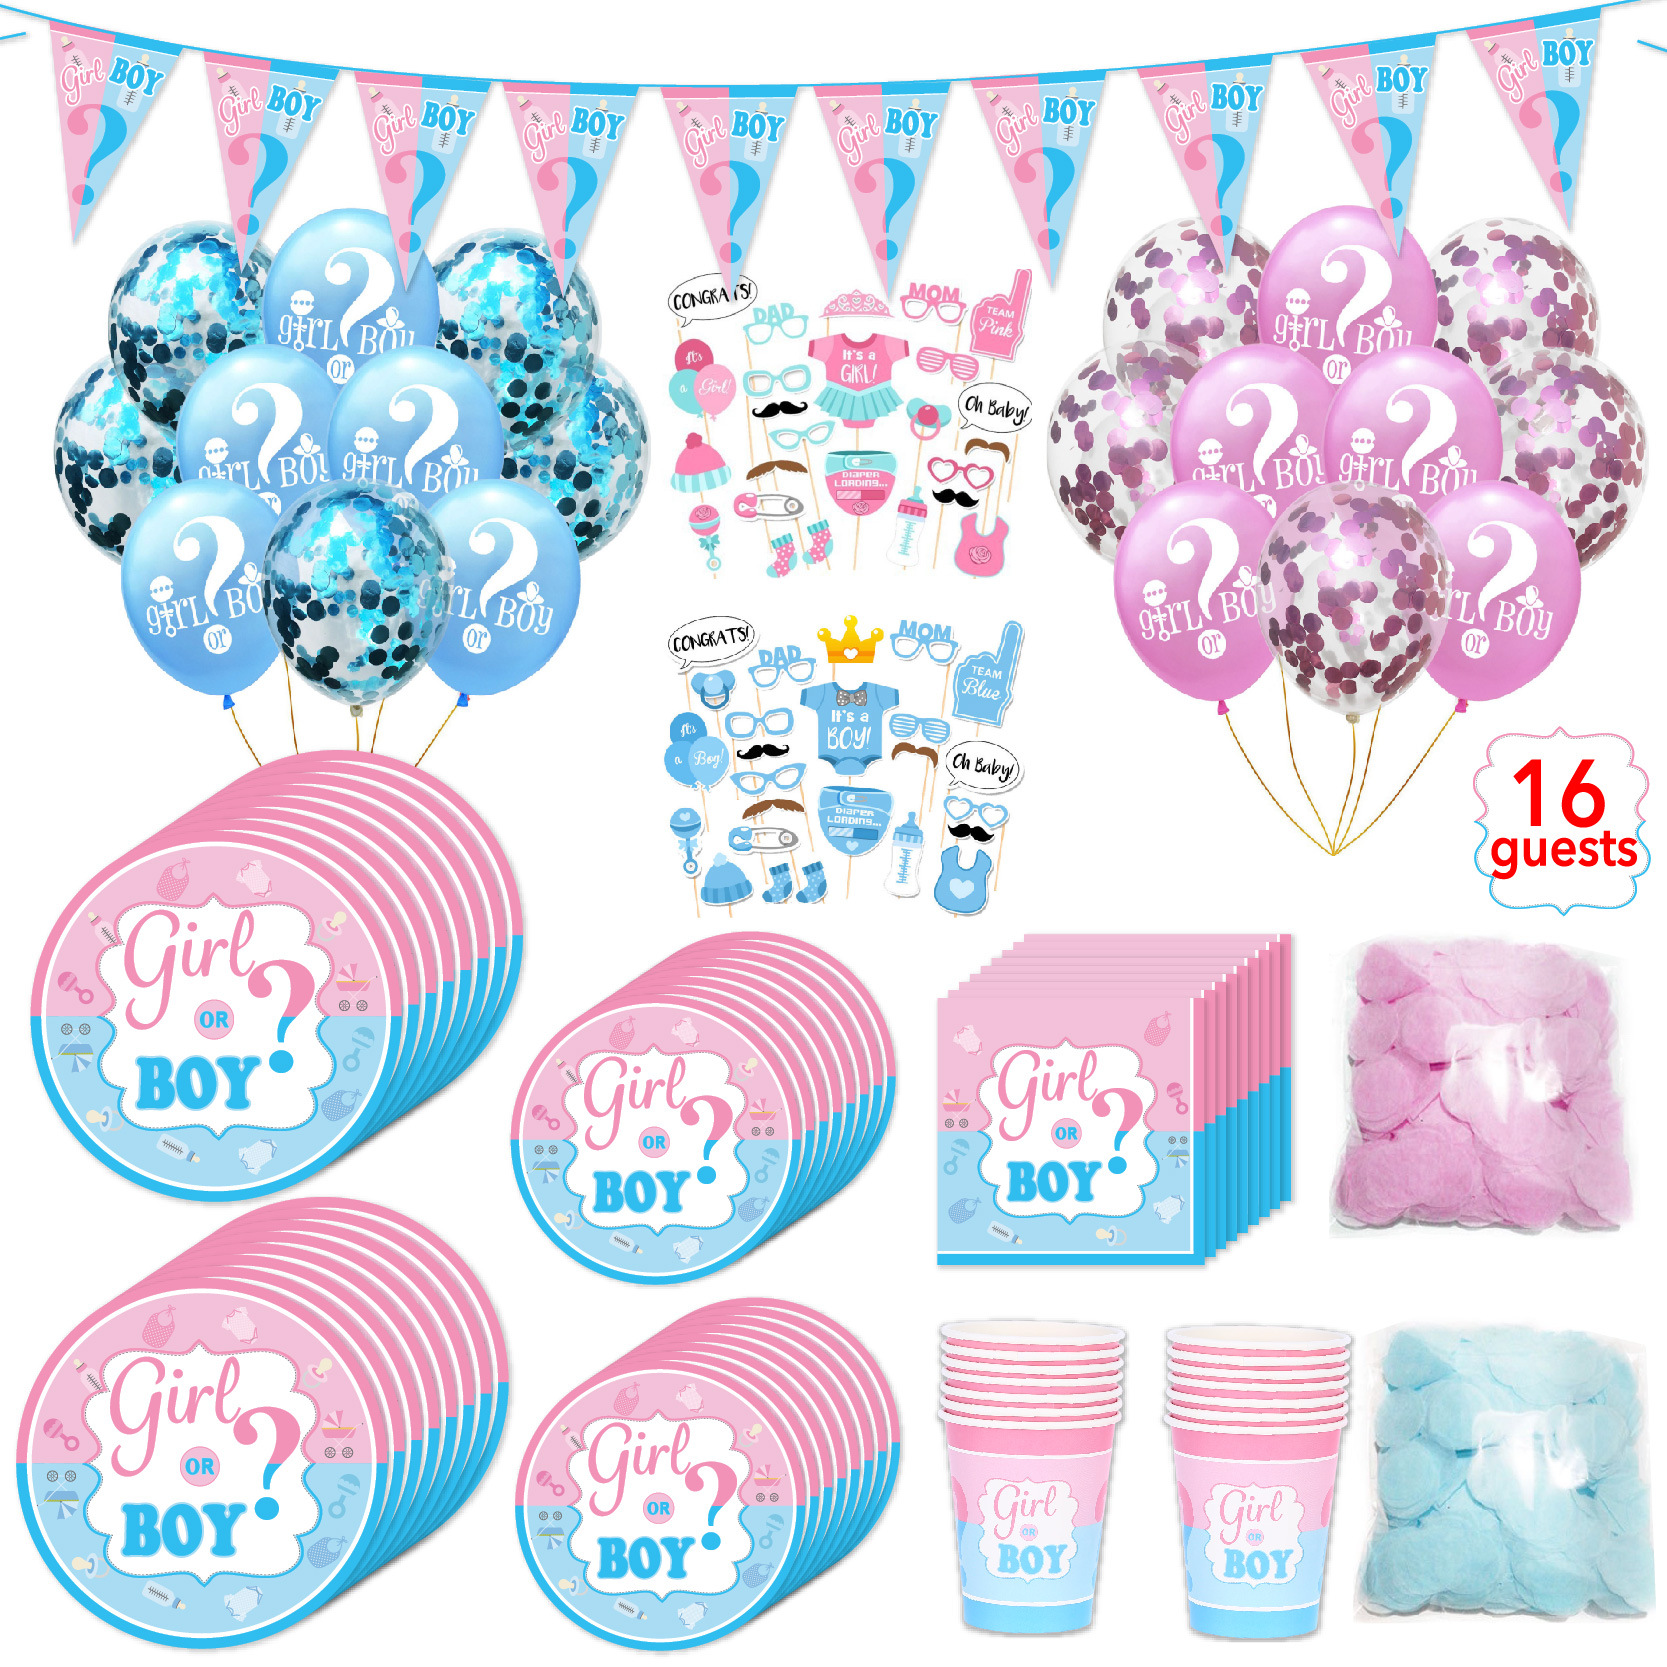 98 pièces/ensemble thème fête vaisselle jetable ensembles pour 16 invités rose bleu papier plaque tasse serviette sexe révéler fête fournitures